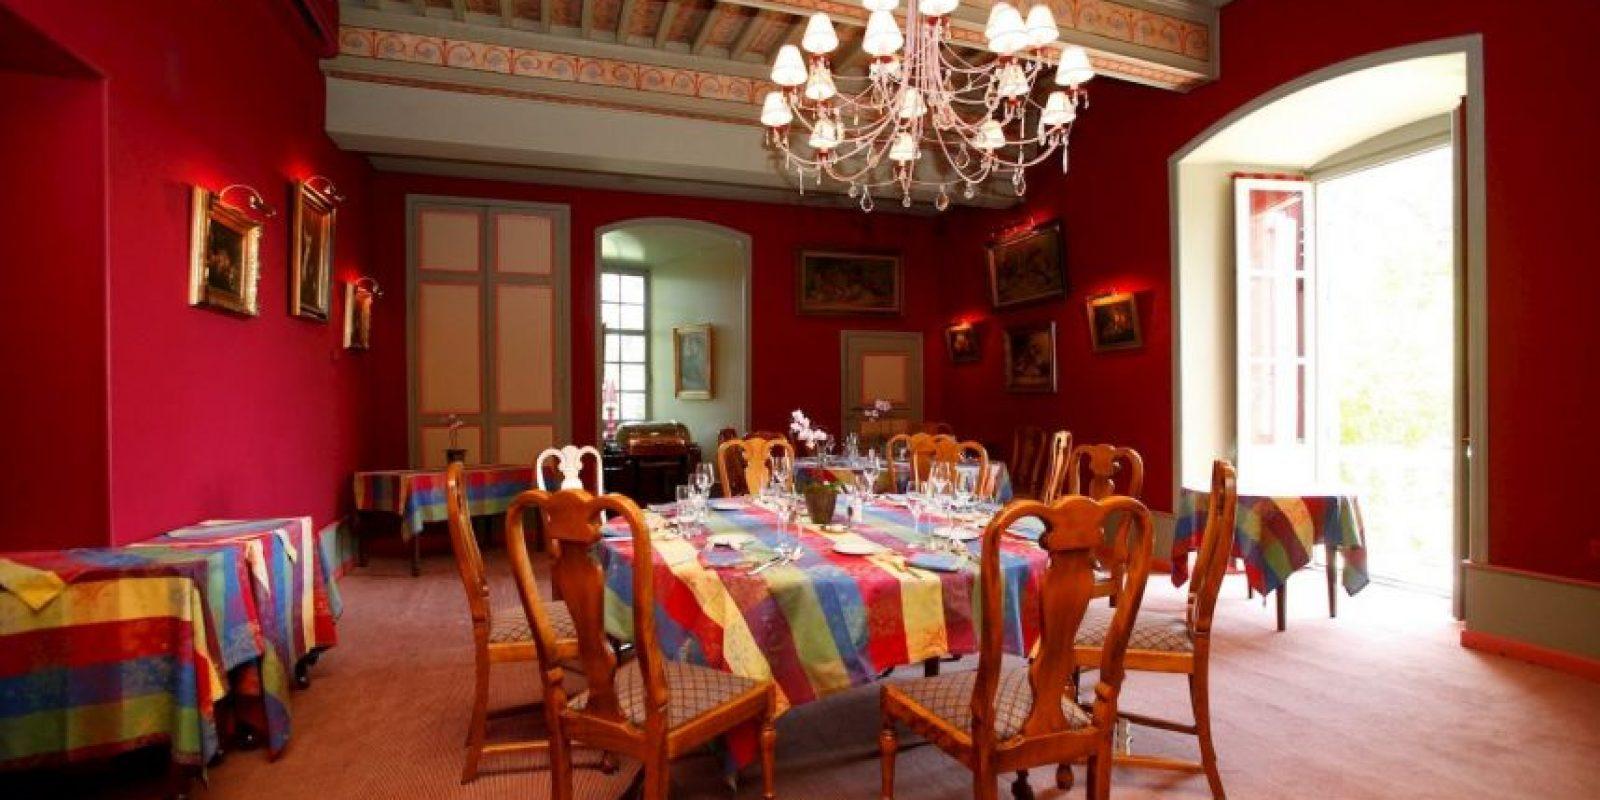 También ofrece servicios especiales para celebrar bodas en su interior Foto:Facebook.com/pages/Château-de-Castel-Novel